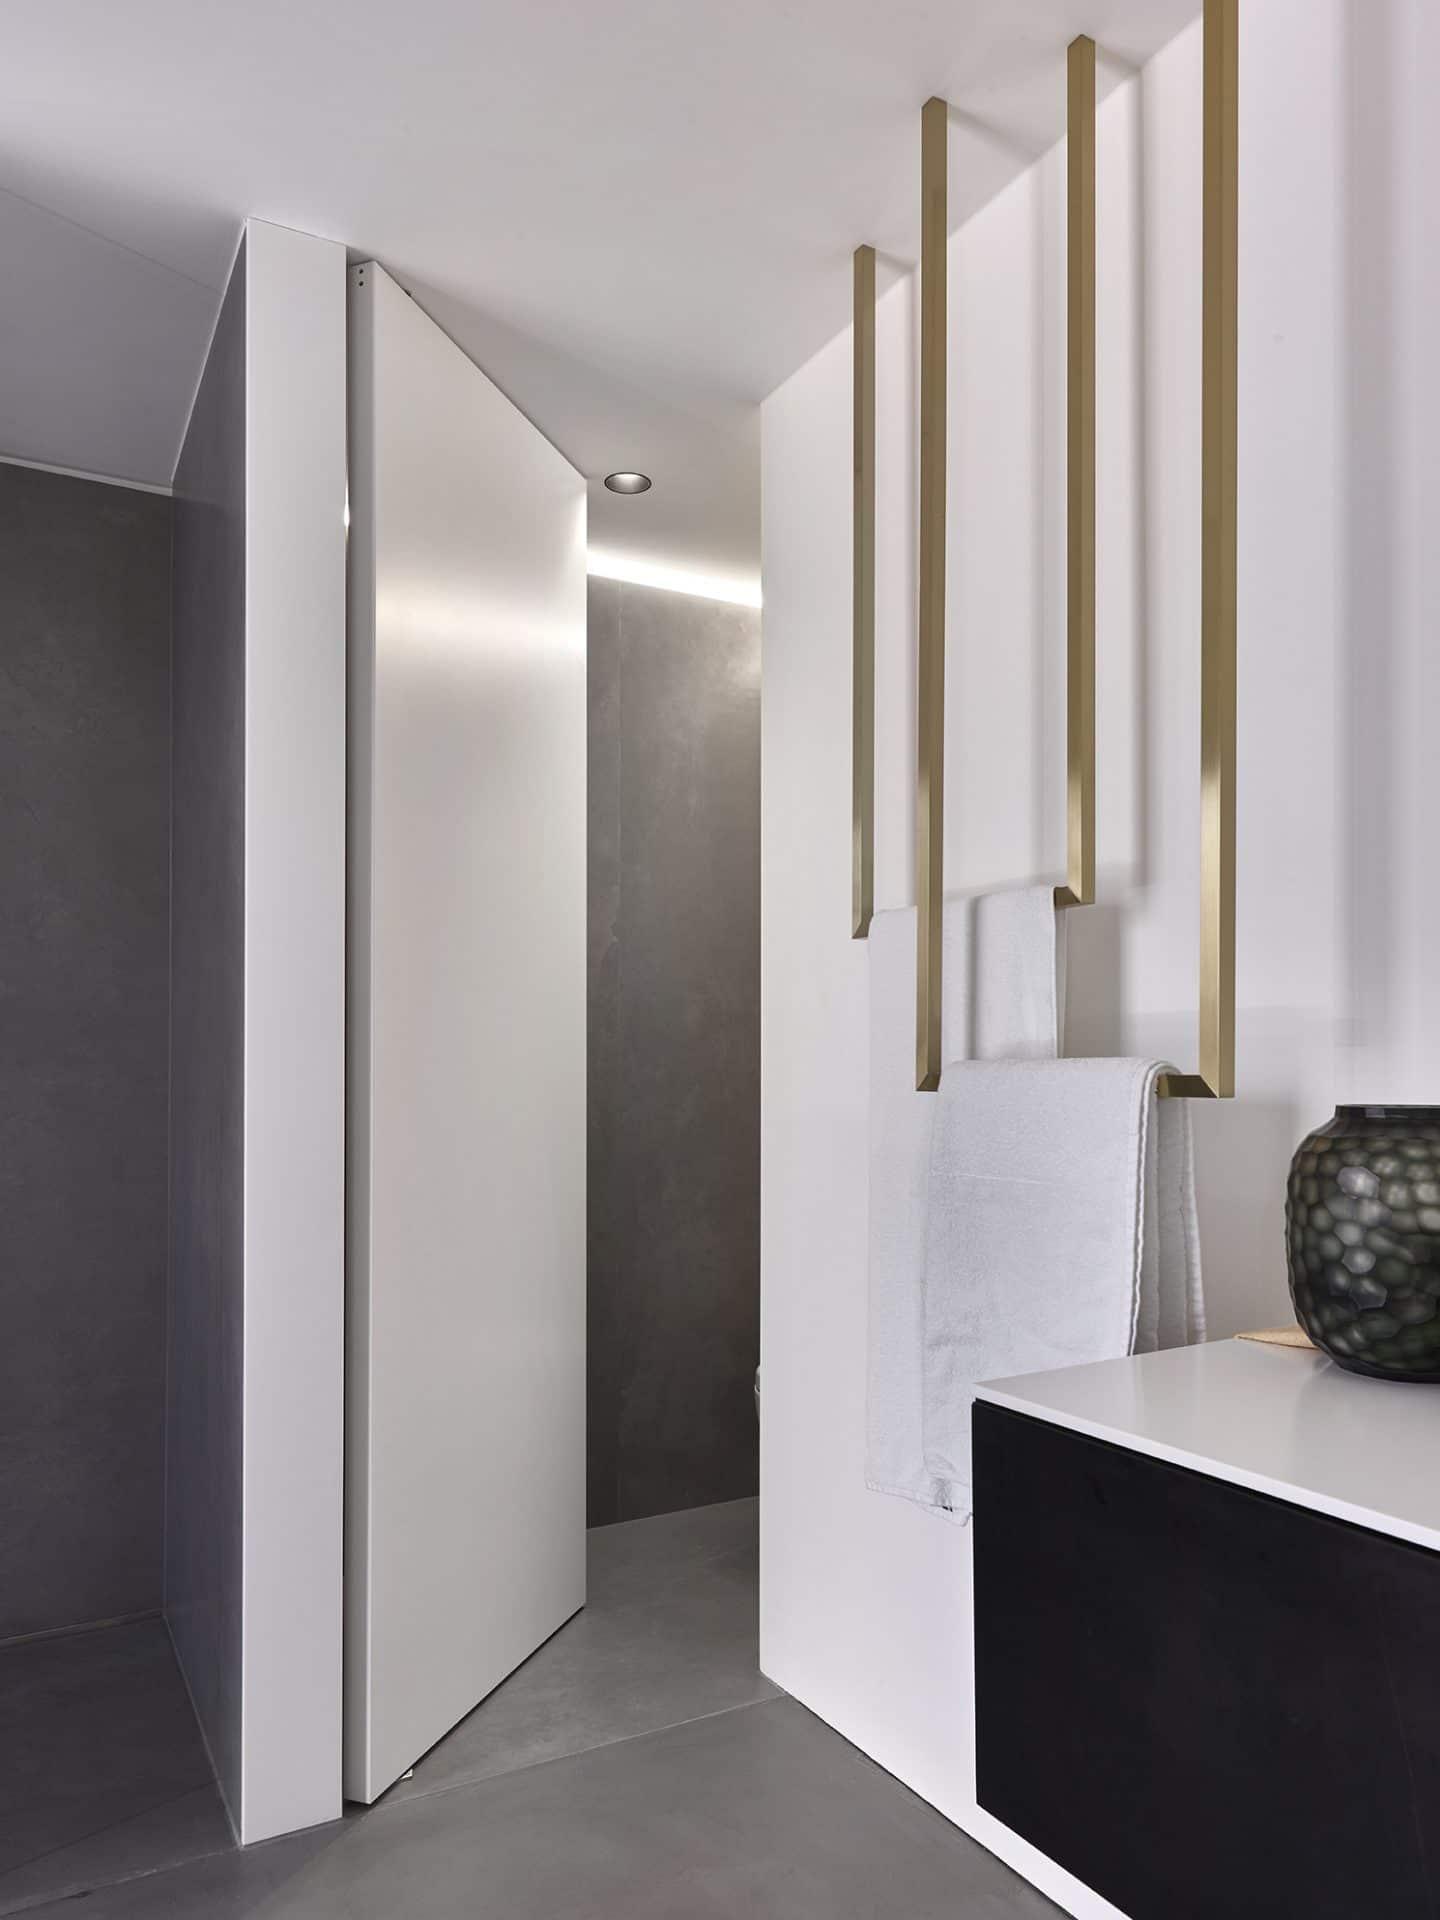 Küchendesign von VOIT aus geräucherter Eiche, Beton und Edelstahl - Badezimmertür geöffnet mit weißer Mattlack Front